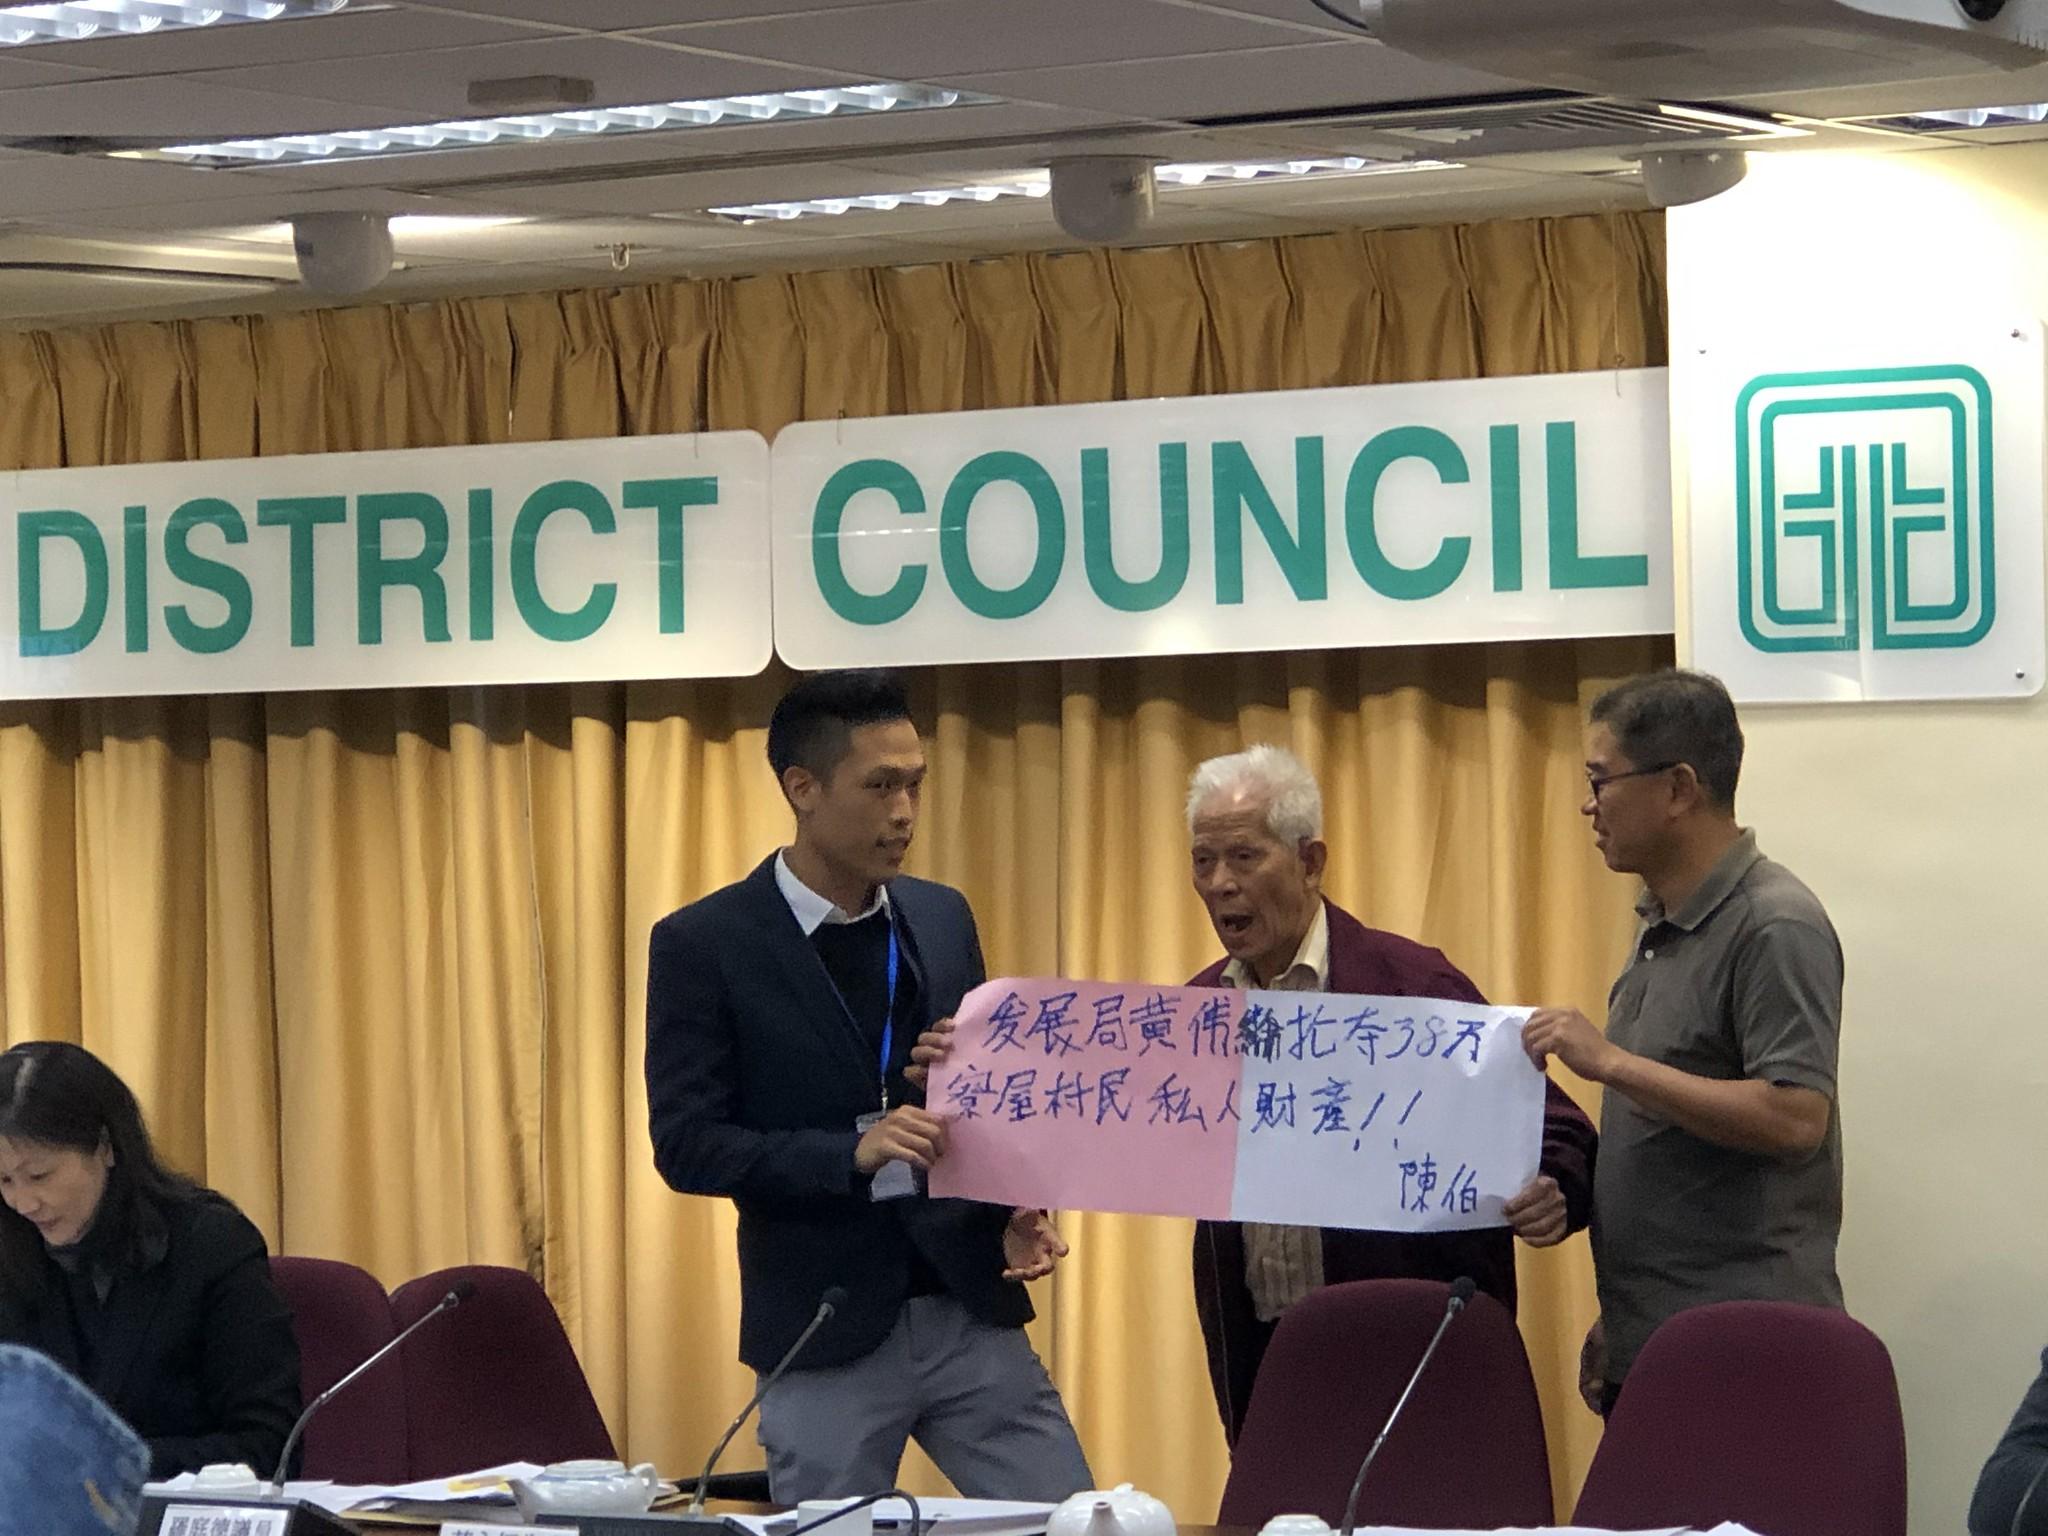 25歲素人羅庭德任北區區議會主席 民主黨陳旭明任副主席 | 獨媒報導 | 香港獨立媒體網